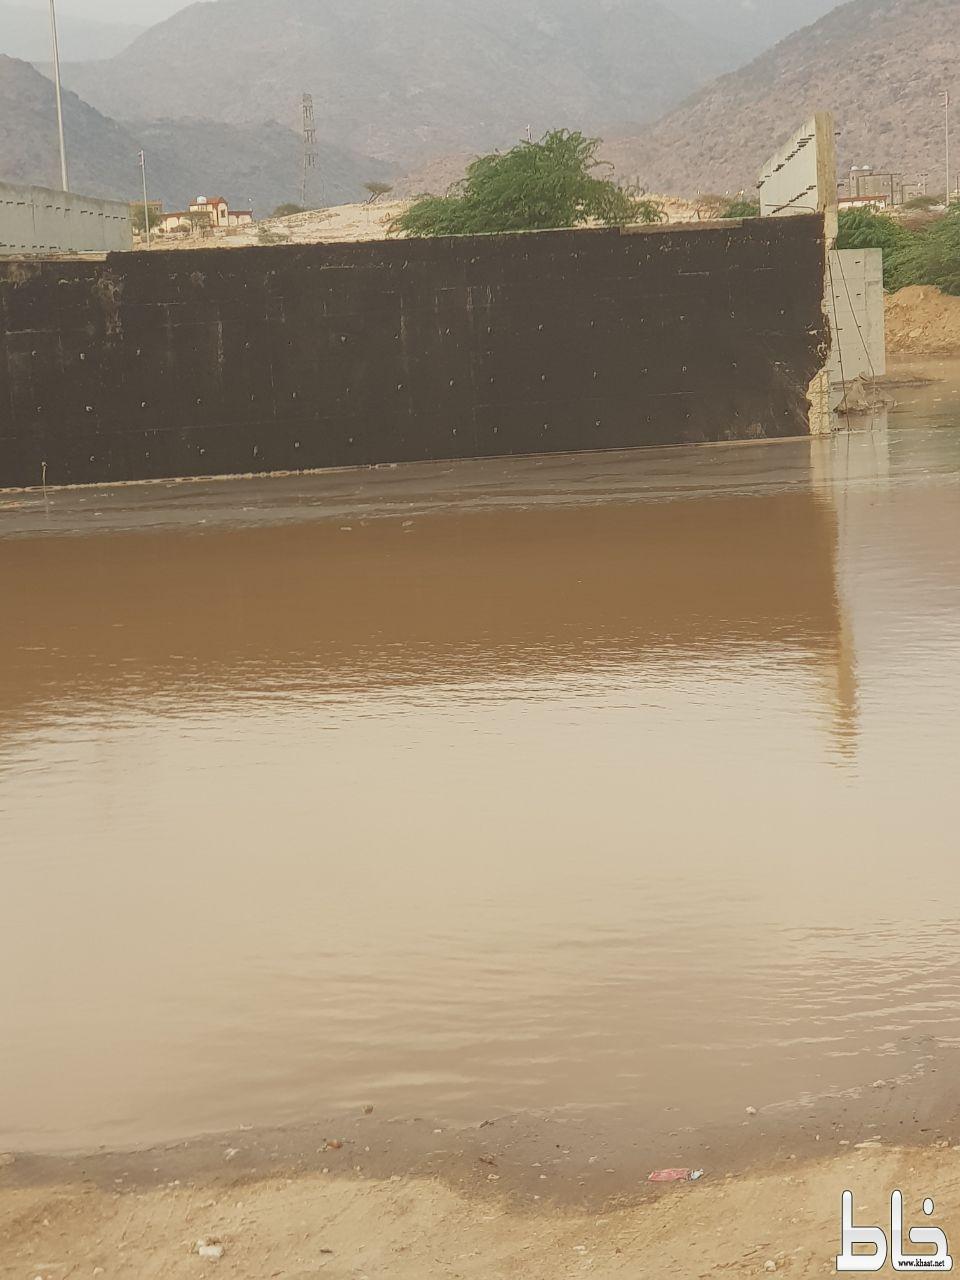 شاهد السيول تحتجز مواطنين بمركزاحد ثربان ومشروع عبارة متعثر من سنتين